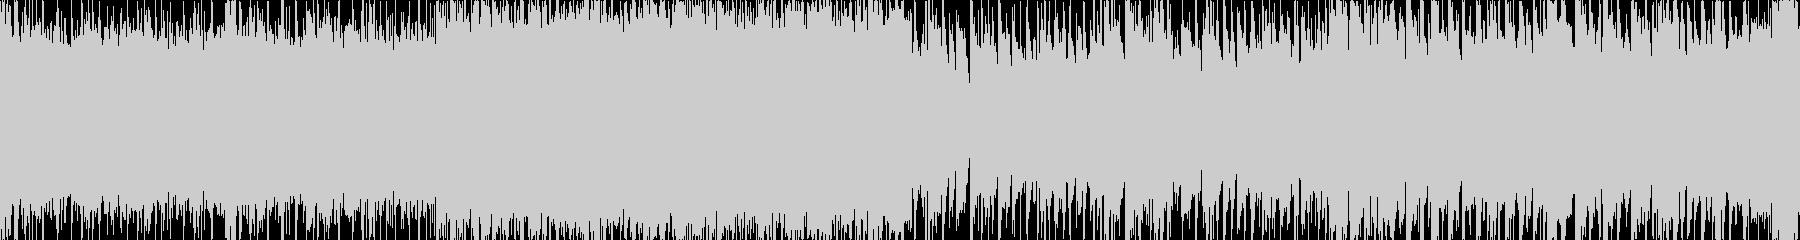 パワーのあるハードロックなループ曲ですの未再生の波形